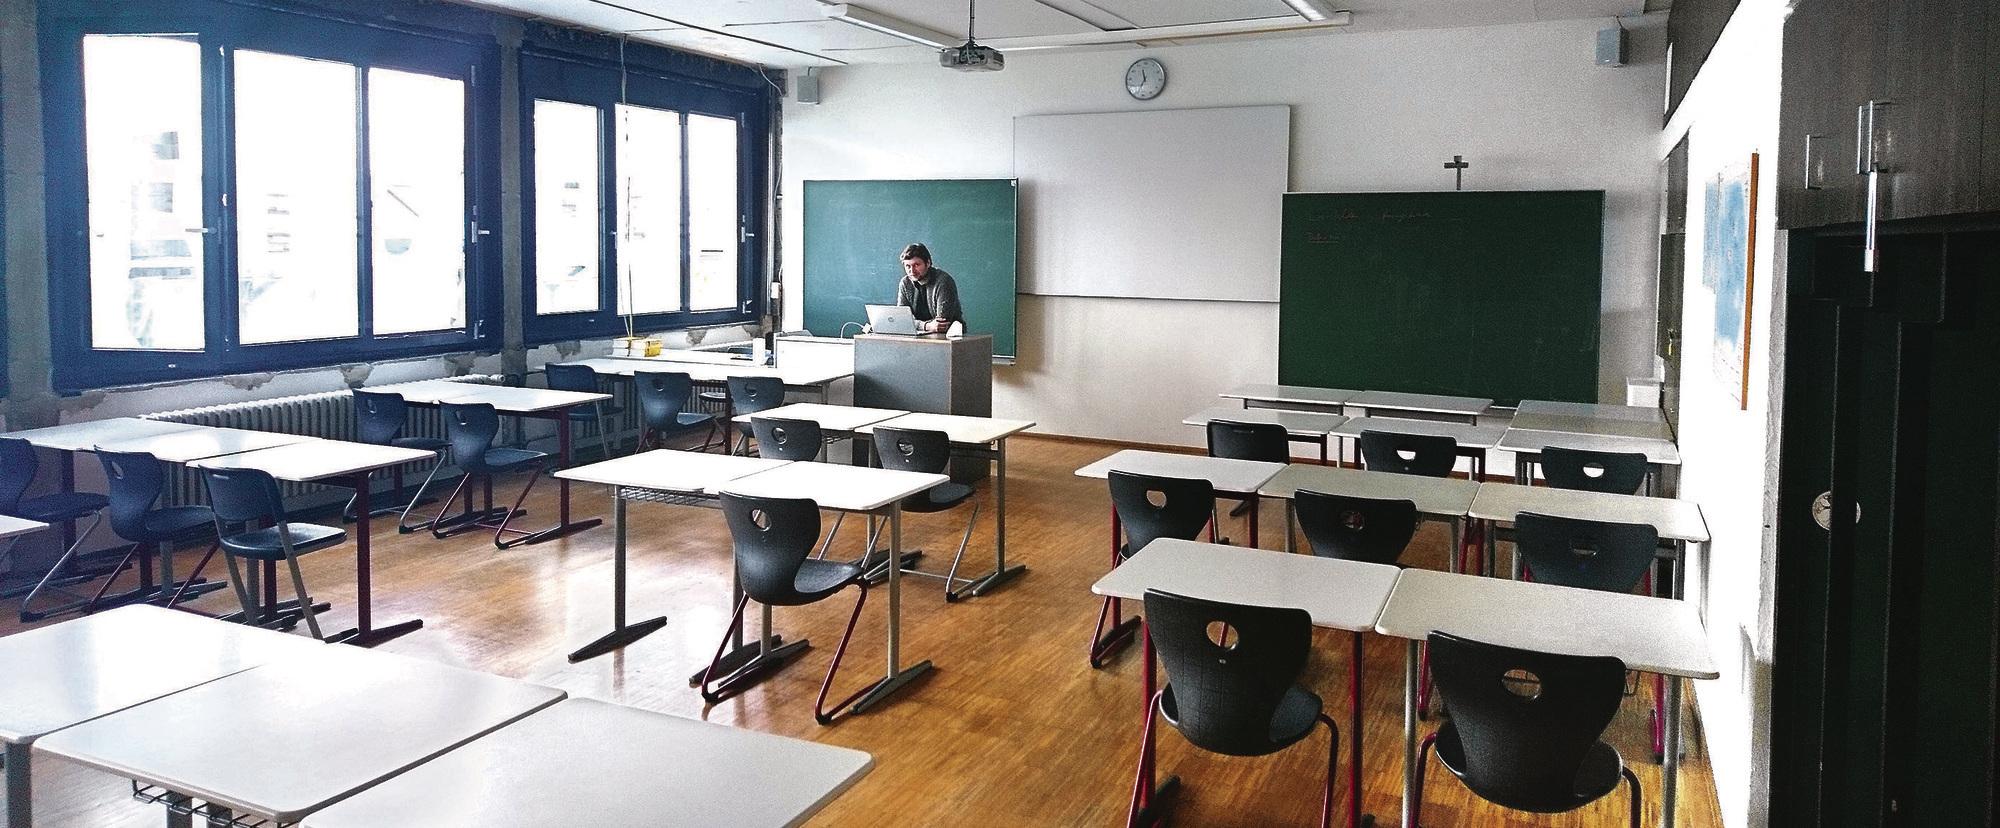 Schüler nach Unterricht Lehrer dem Kommunikation im